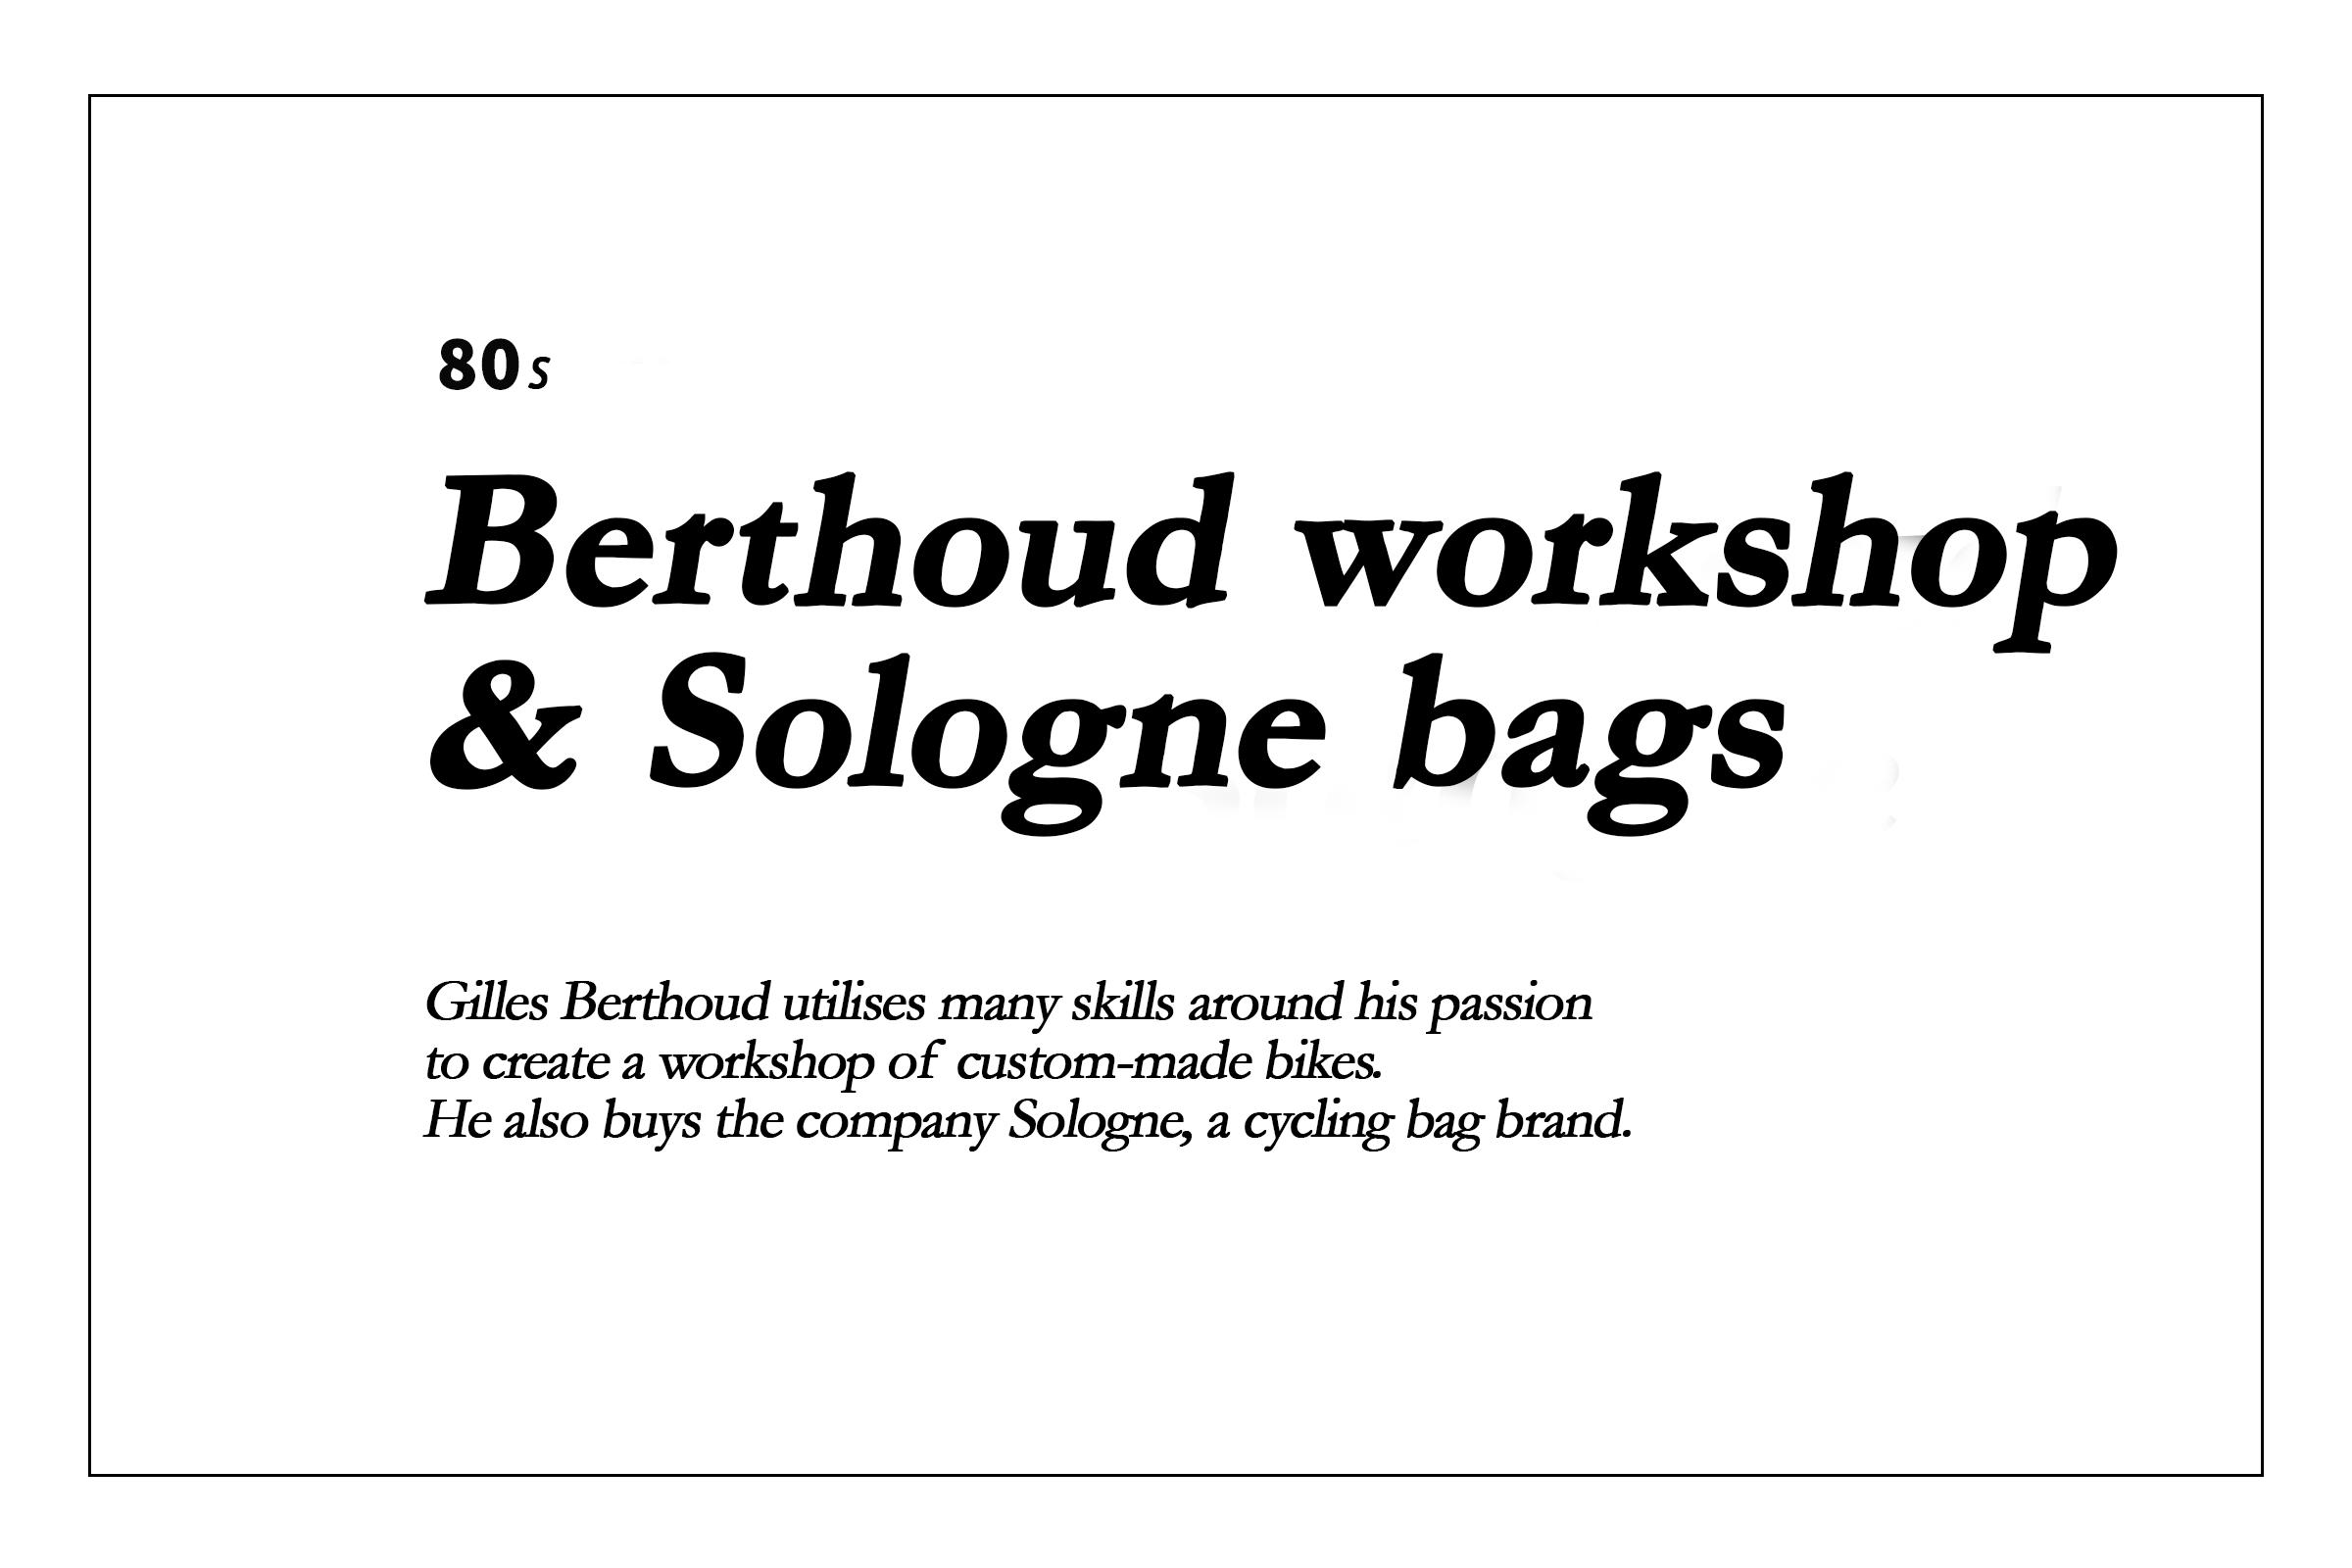 Les années 80 - Atelier Berthoud et sacs Sologne